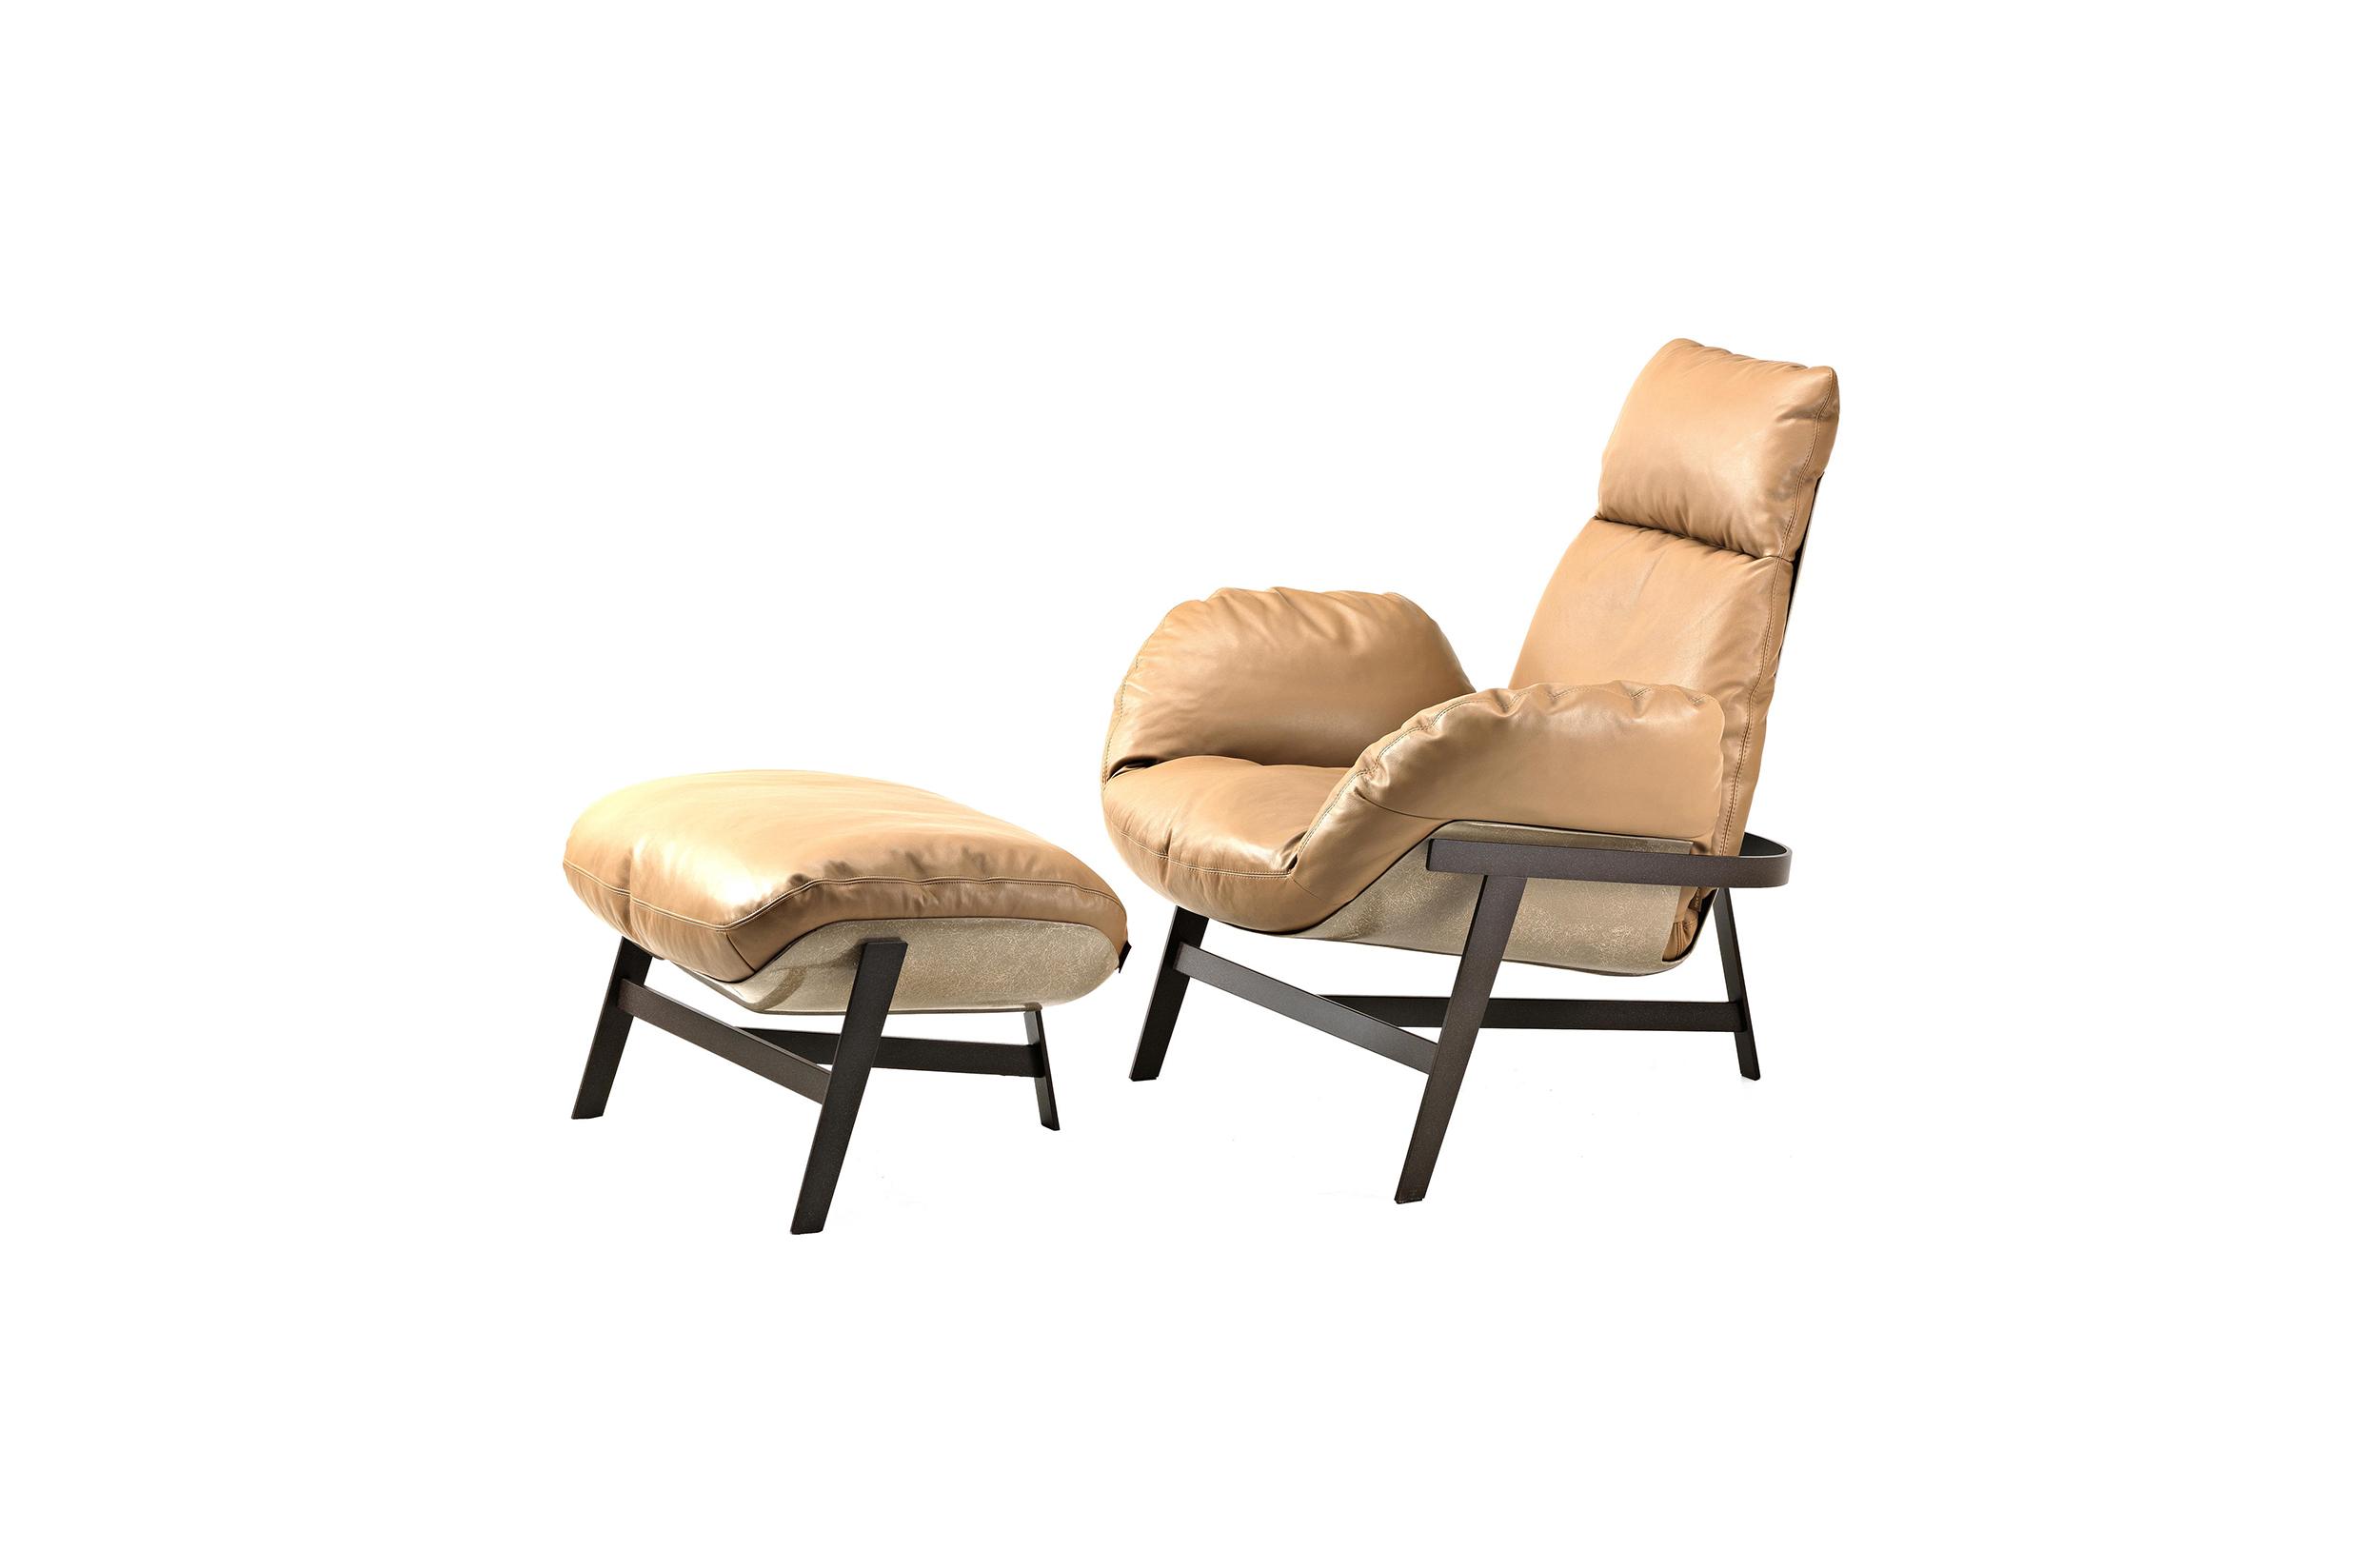 坐具|休闲椅|创意家具|现代家居|时尚家具|设计师家具|定制家具|实木家具|木星扶手椅